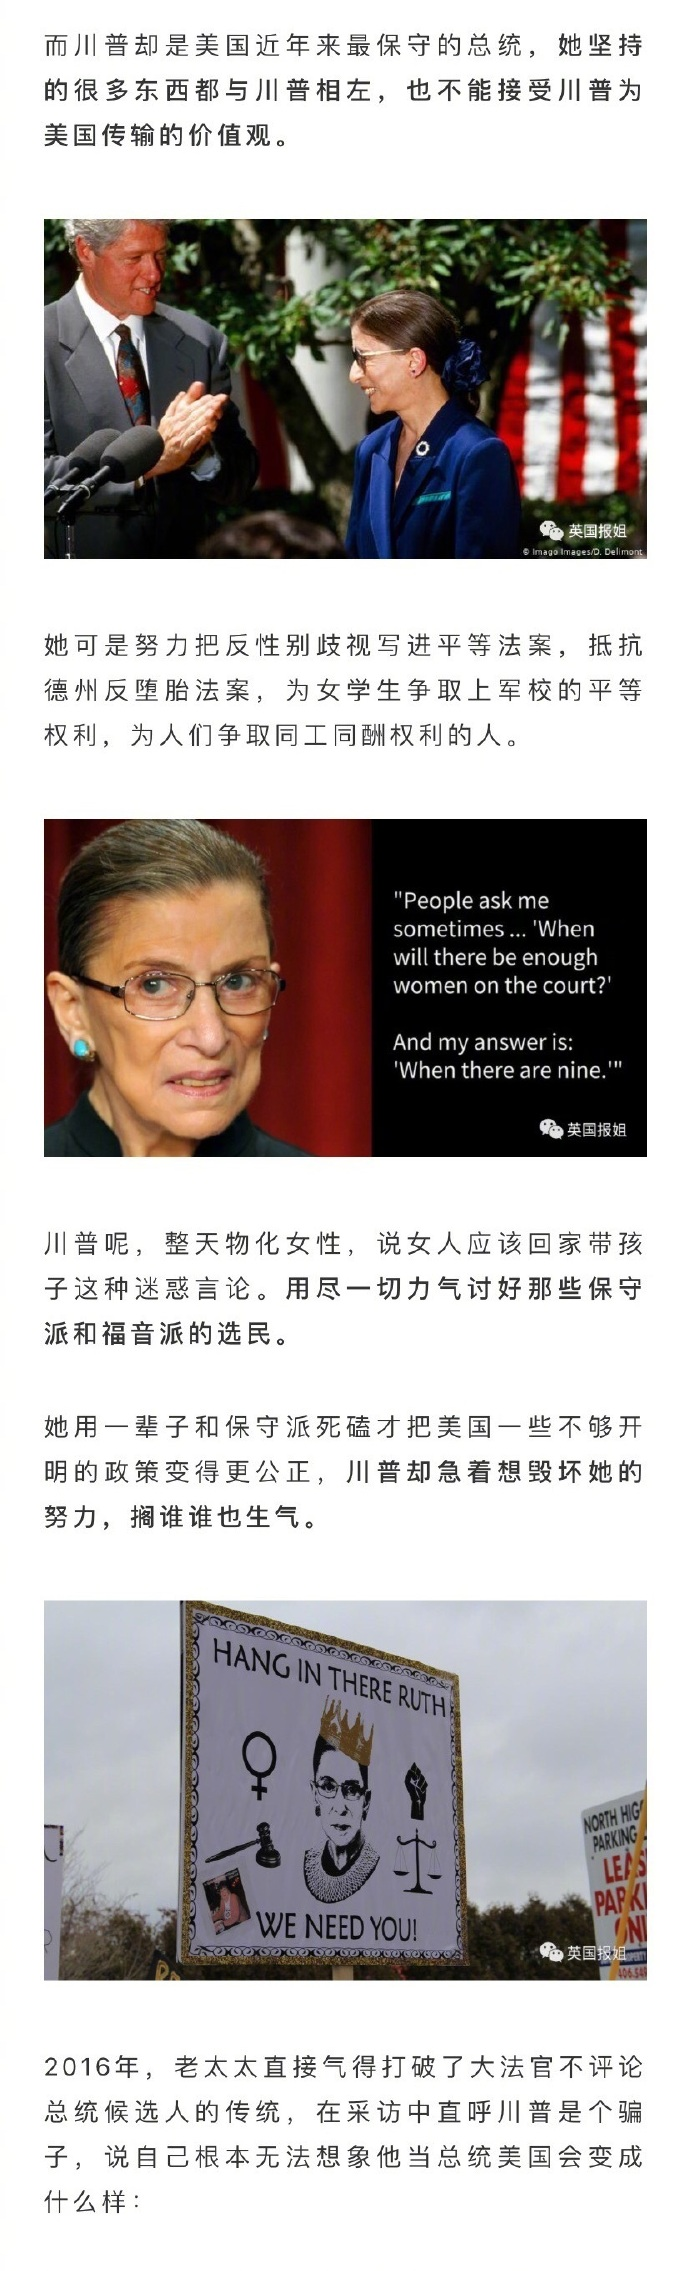 美国传奇大法官去世,87岁的她战胜新冠、三患癌症,切肺断骨,拒不退休